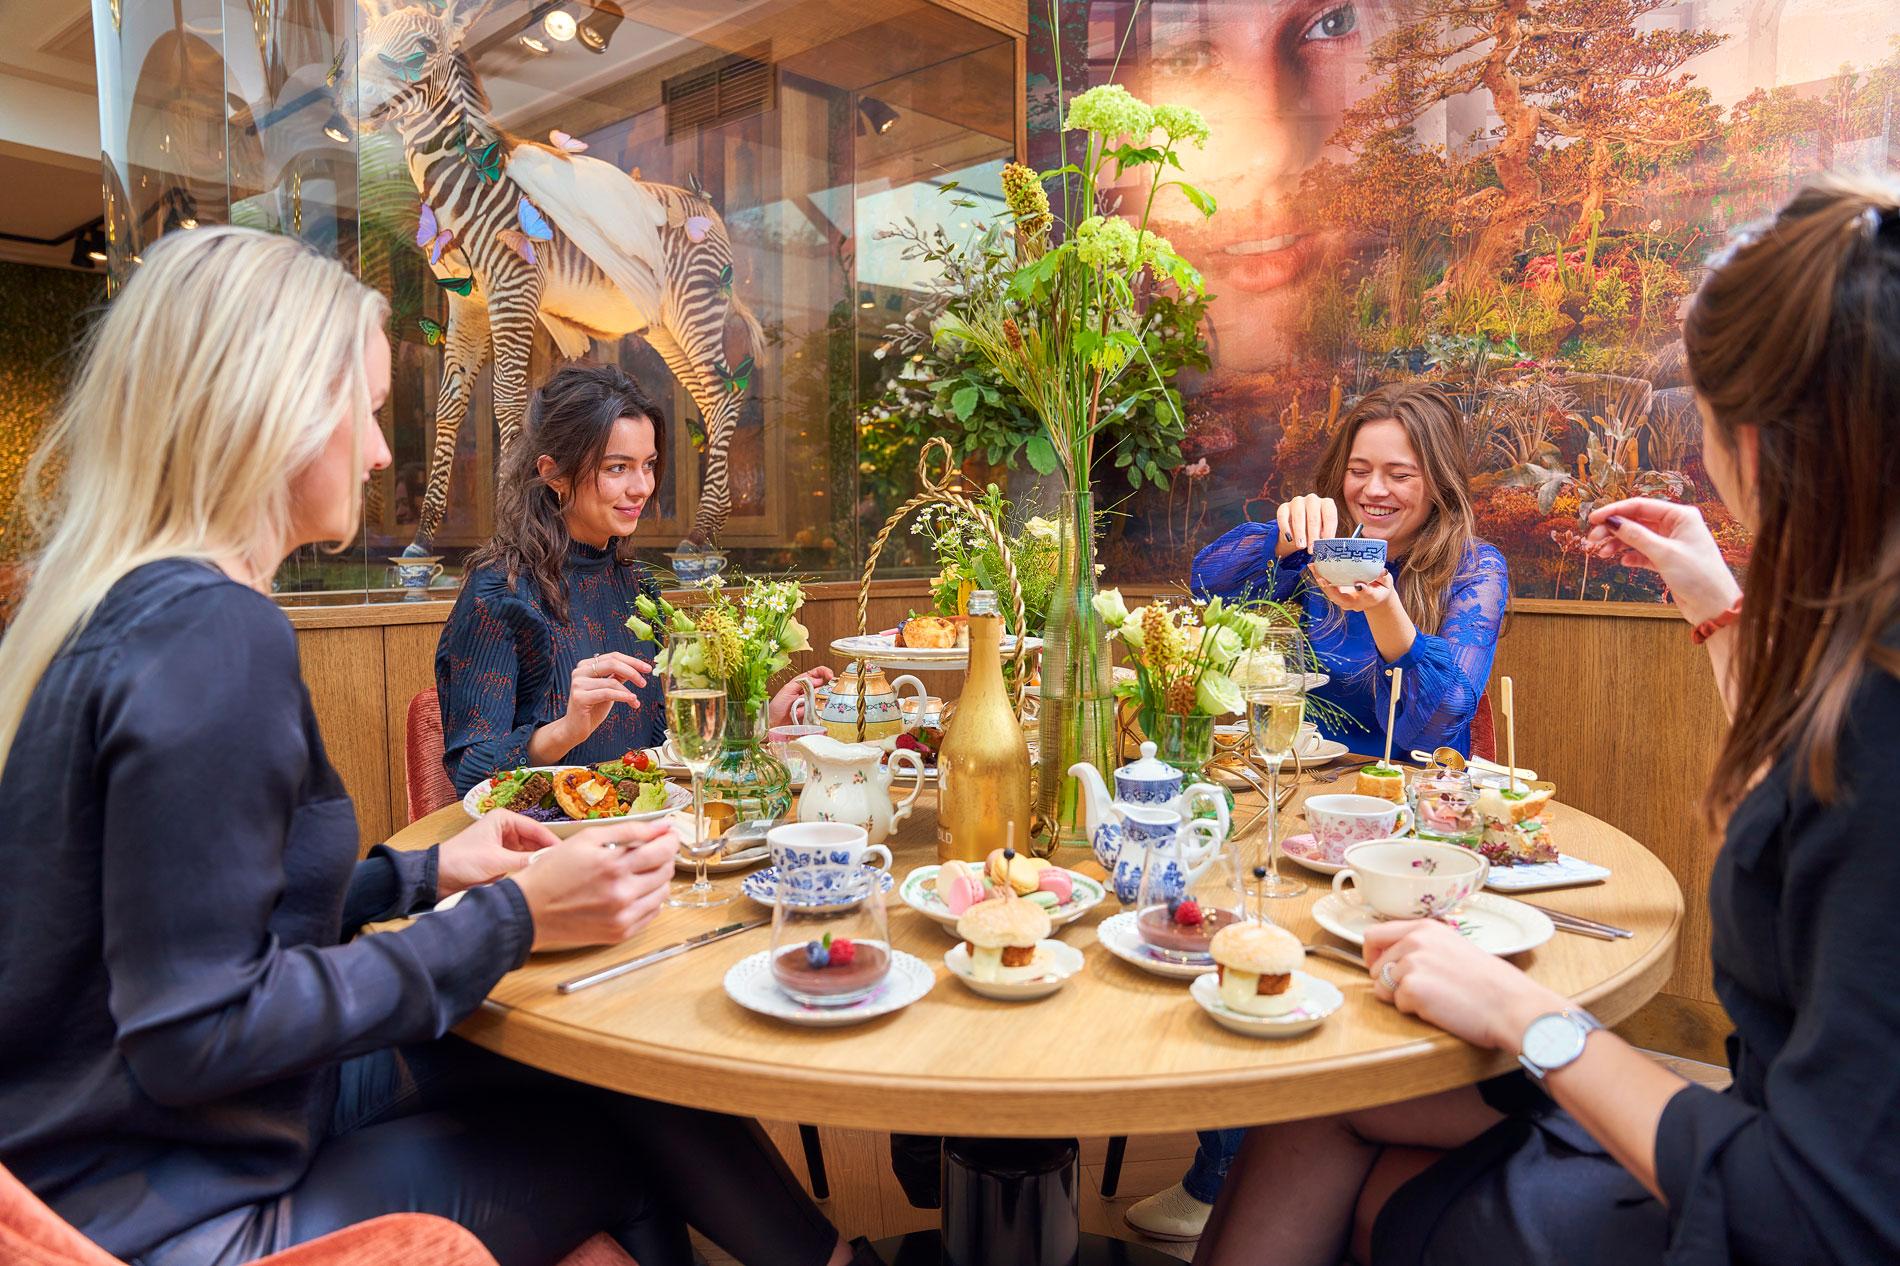 Tafelsetting met vrouwen Brasserie Merlijn